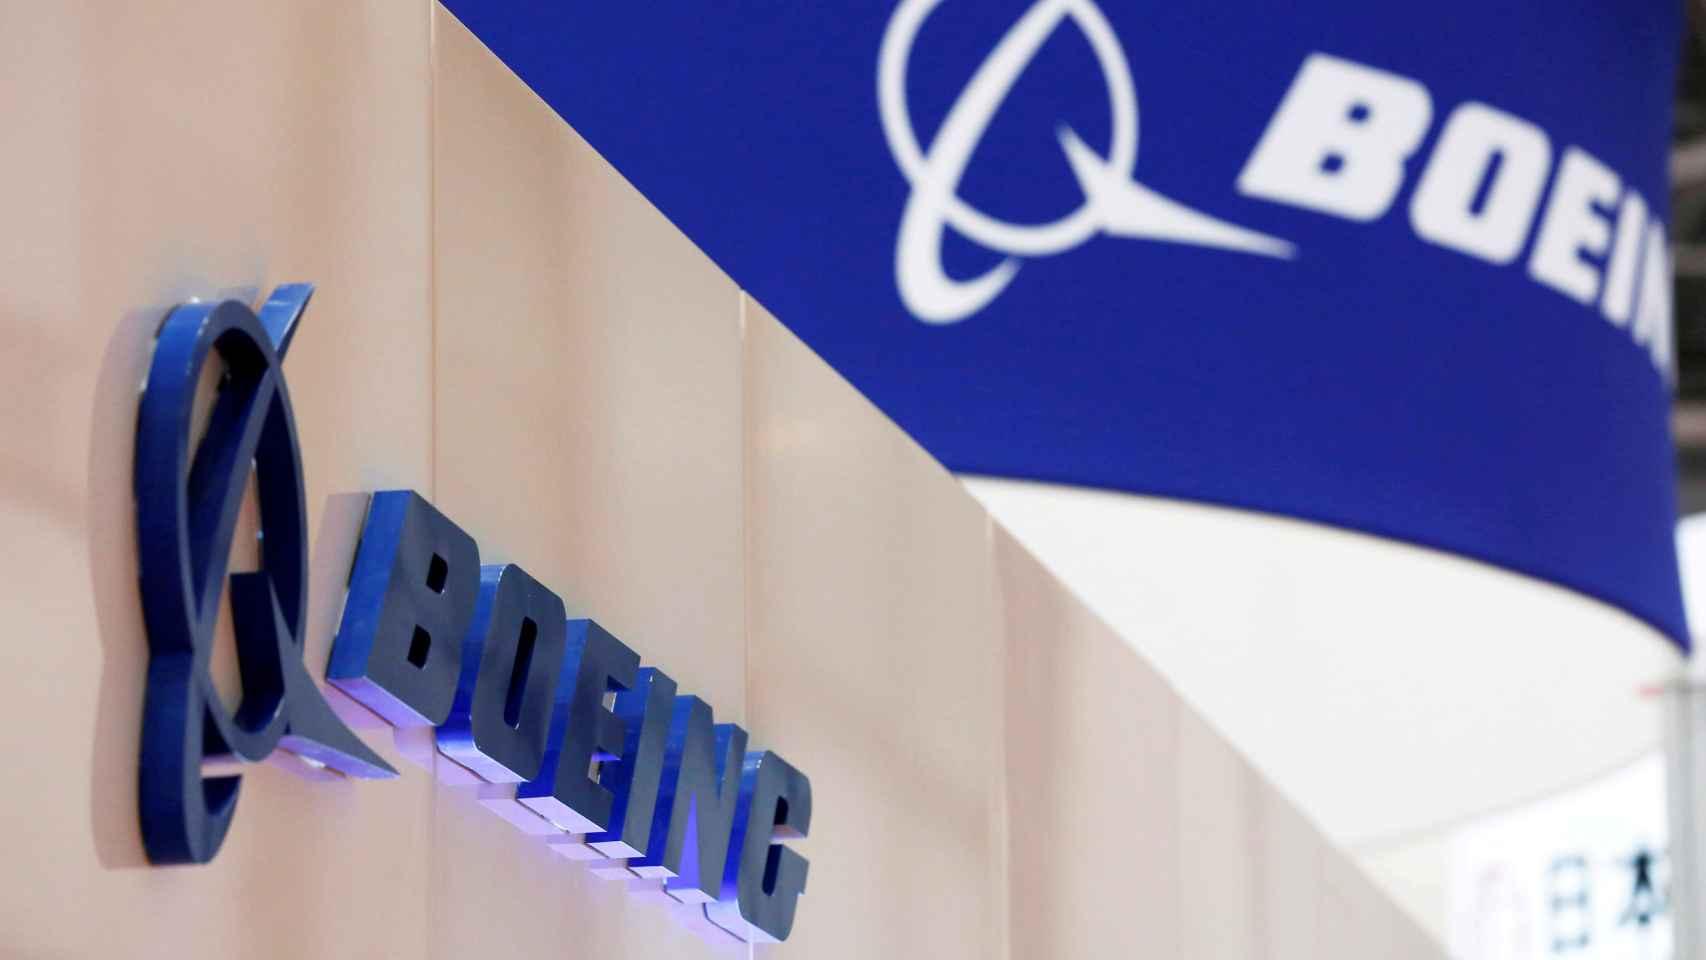 Logotipo de la empresa Boeing.